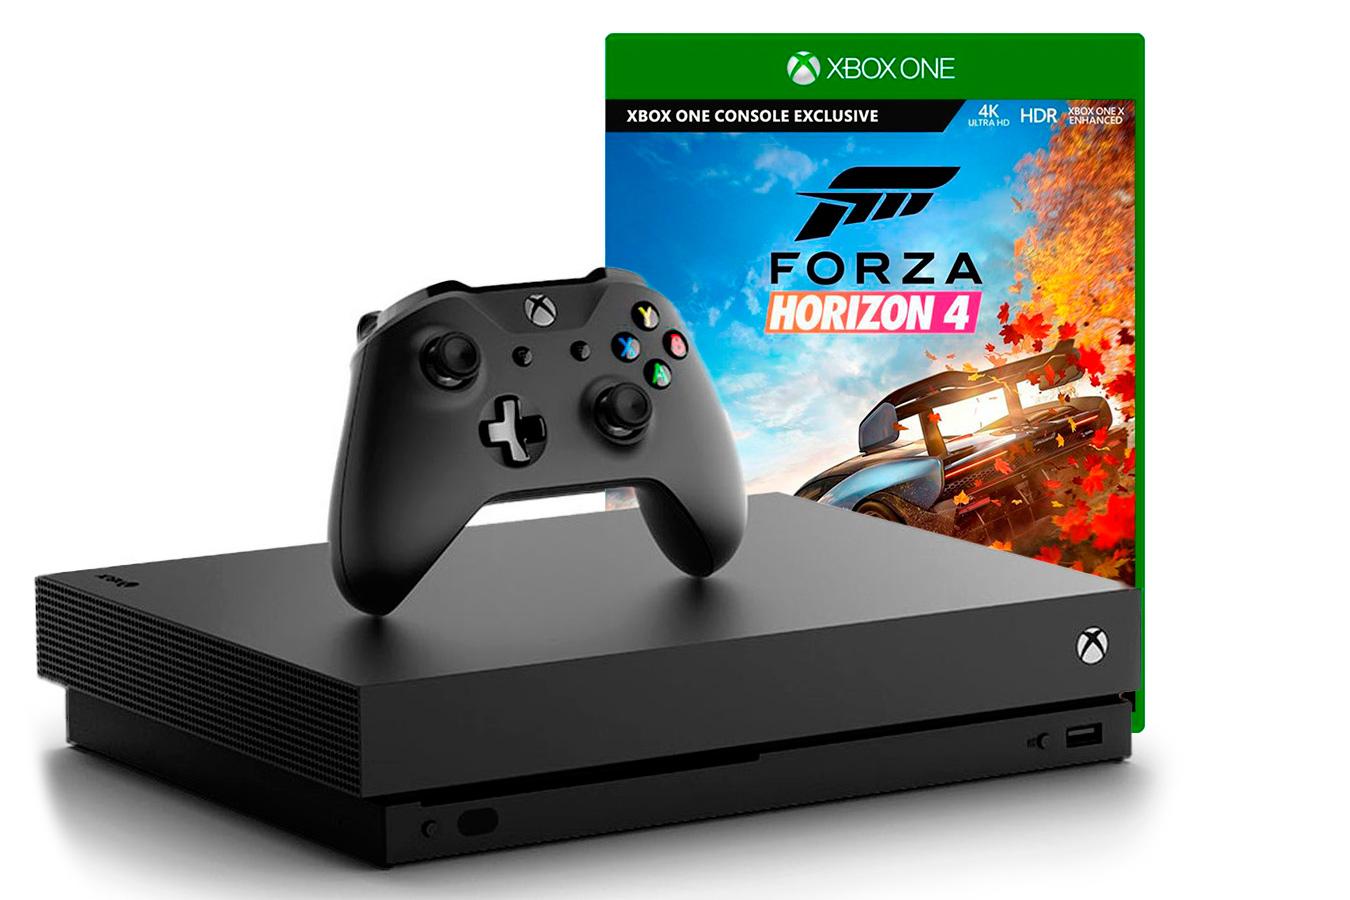 Xbox One X с игрой Forza Horizon 4 [XXO1FH4]